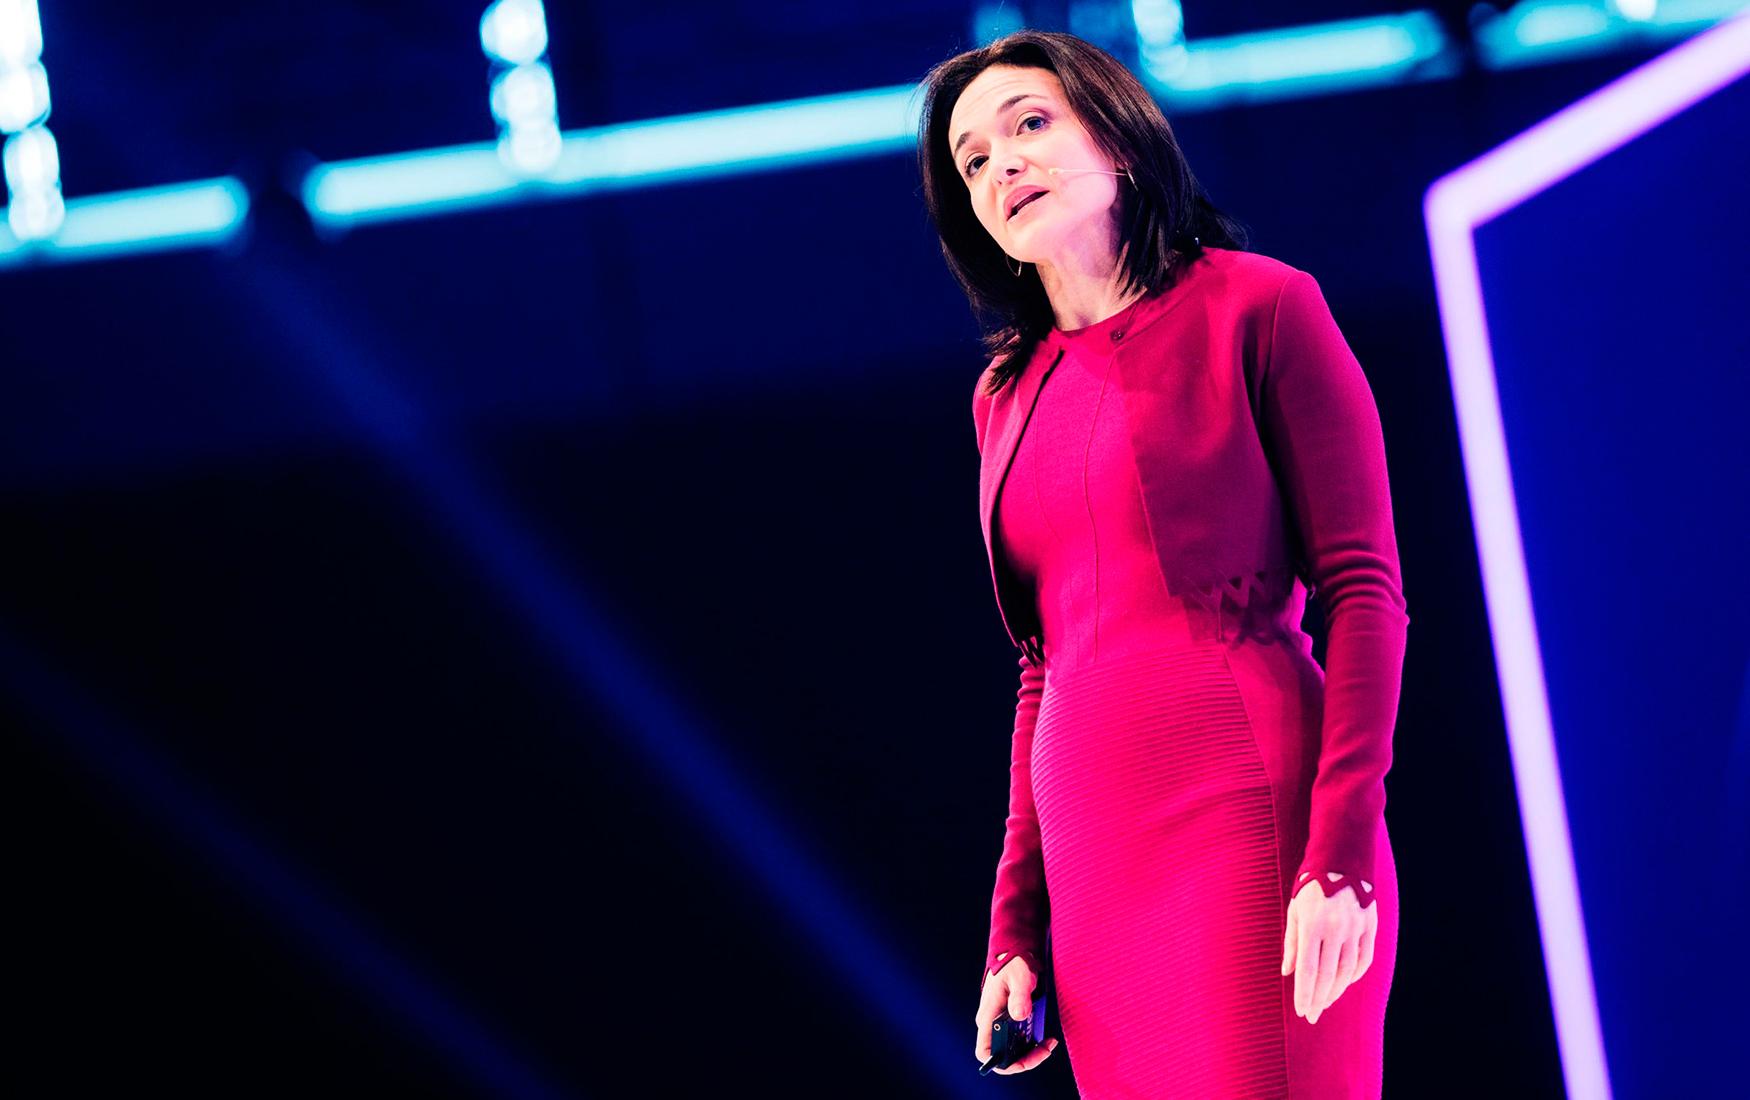 Дамы вперед: как Шерил Сэндберг борется за права женщин